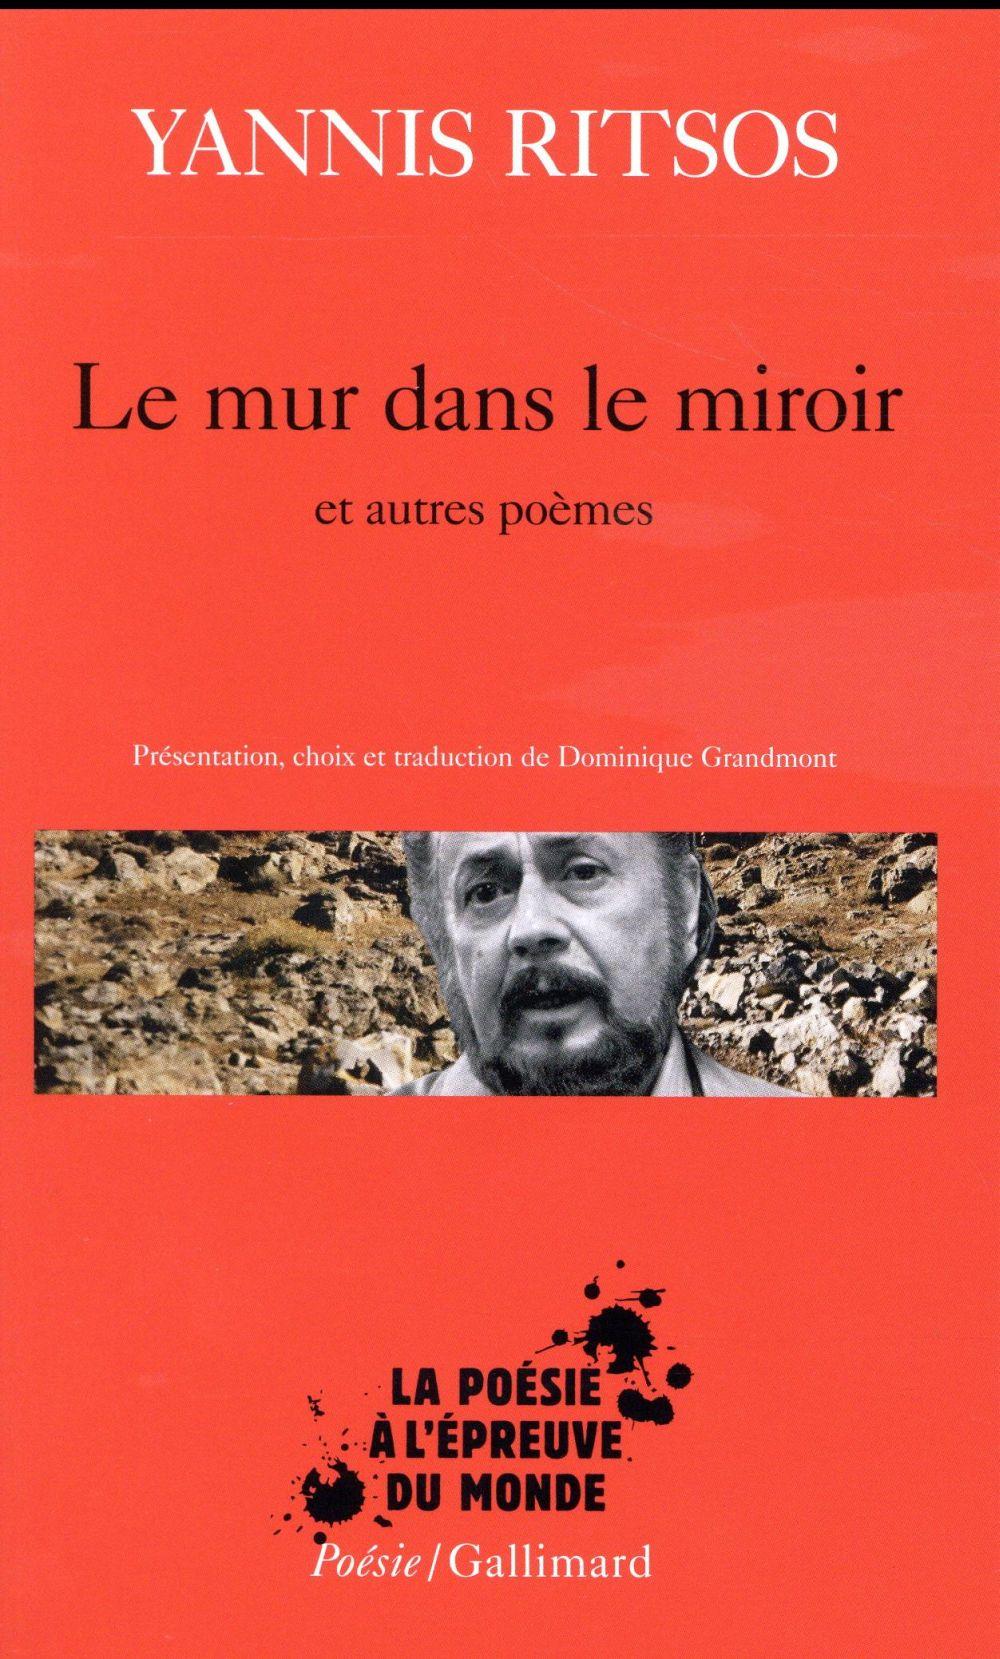 Le mur dans le miroir et autres poèmes